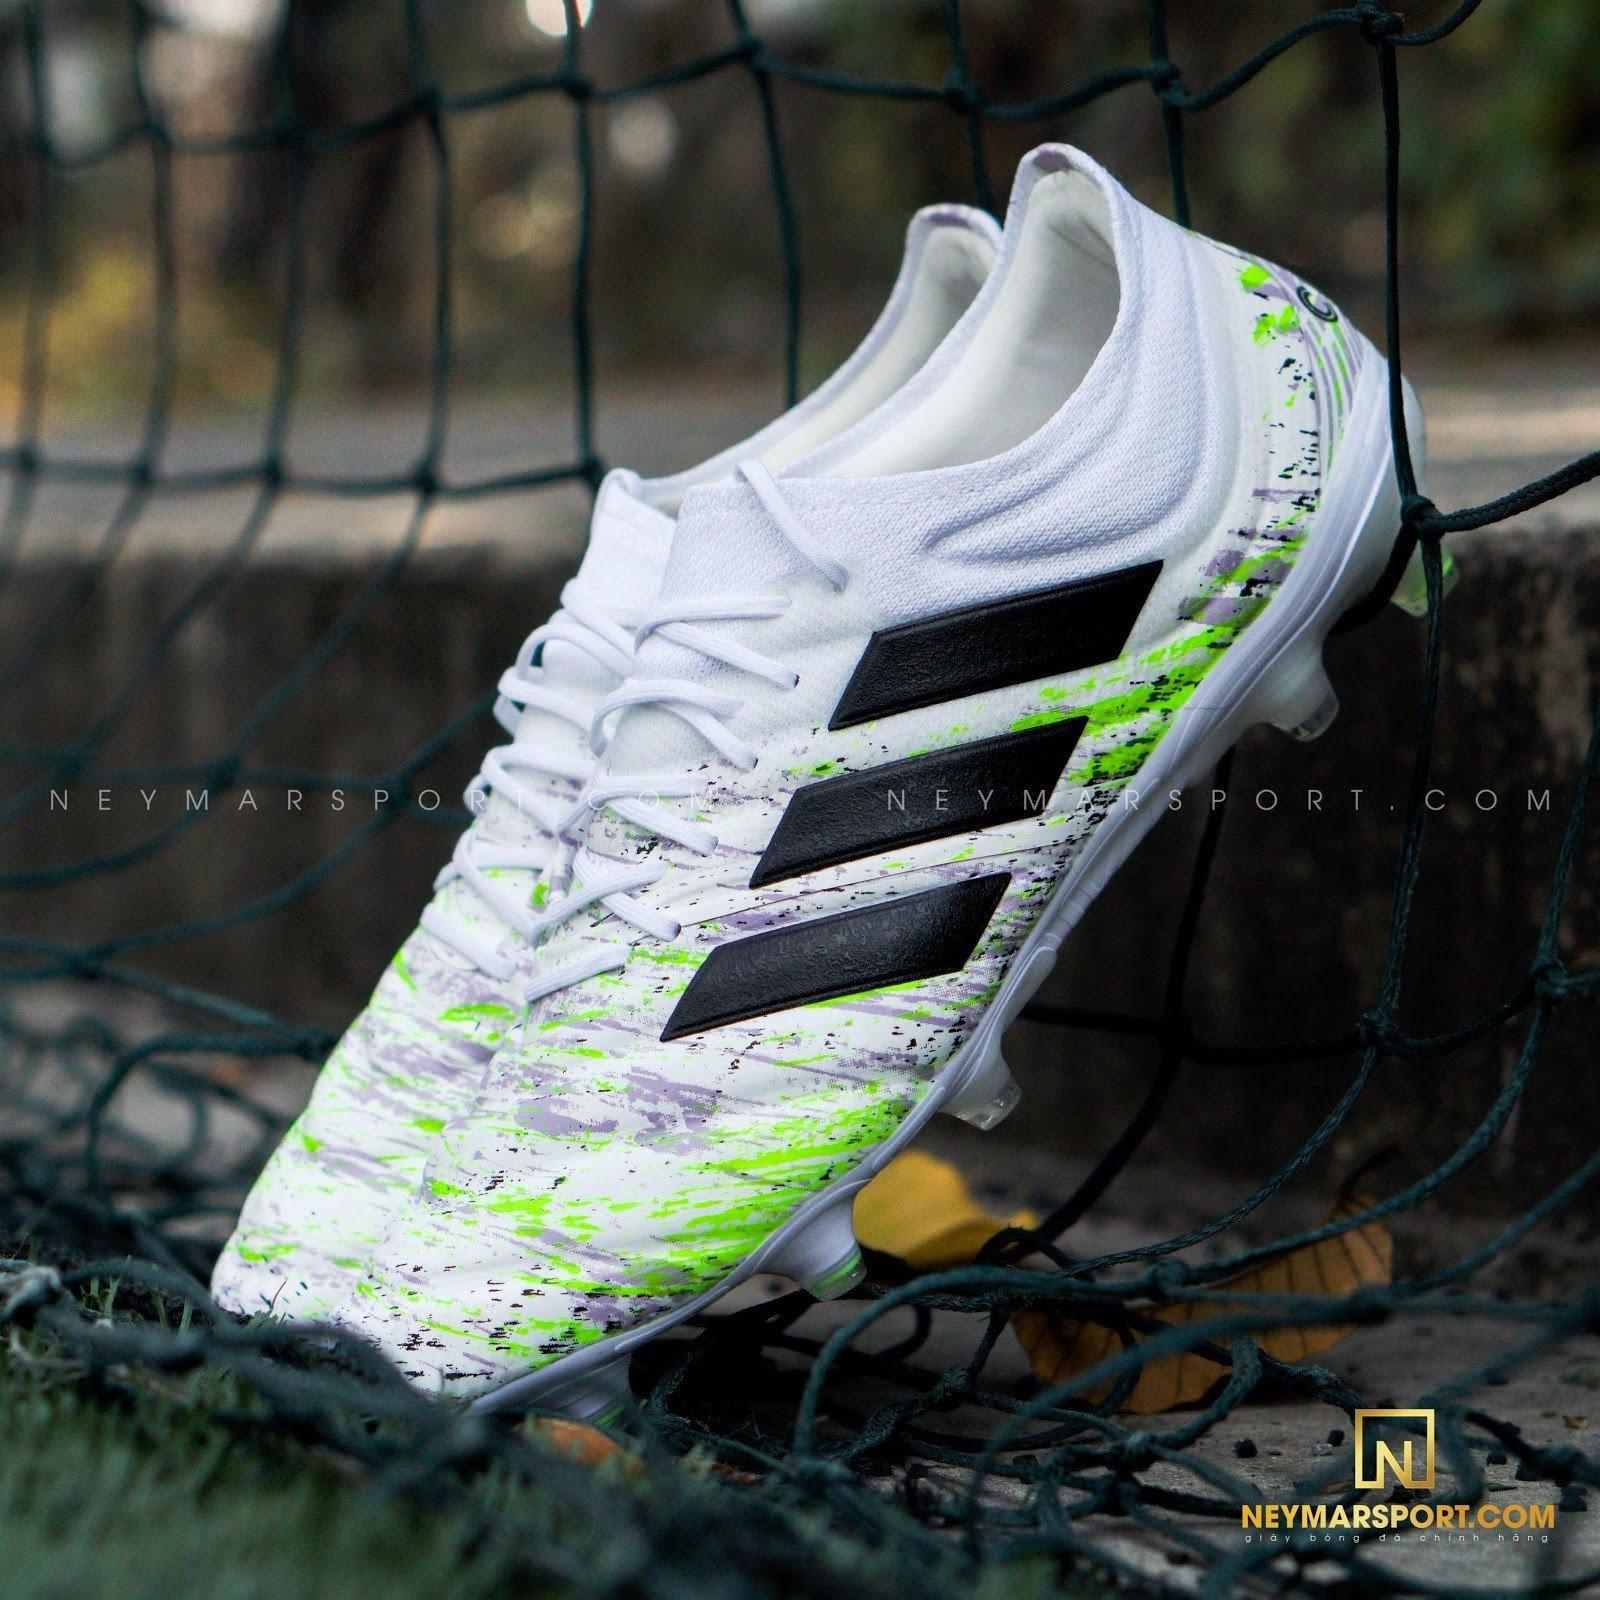 Điểm chung của giày cỏ tự nhiên Nike Tiempo Elite và adidas Copa 20.1